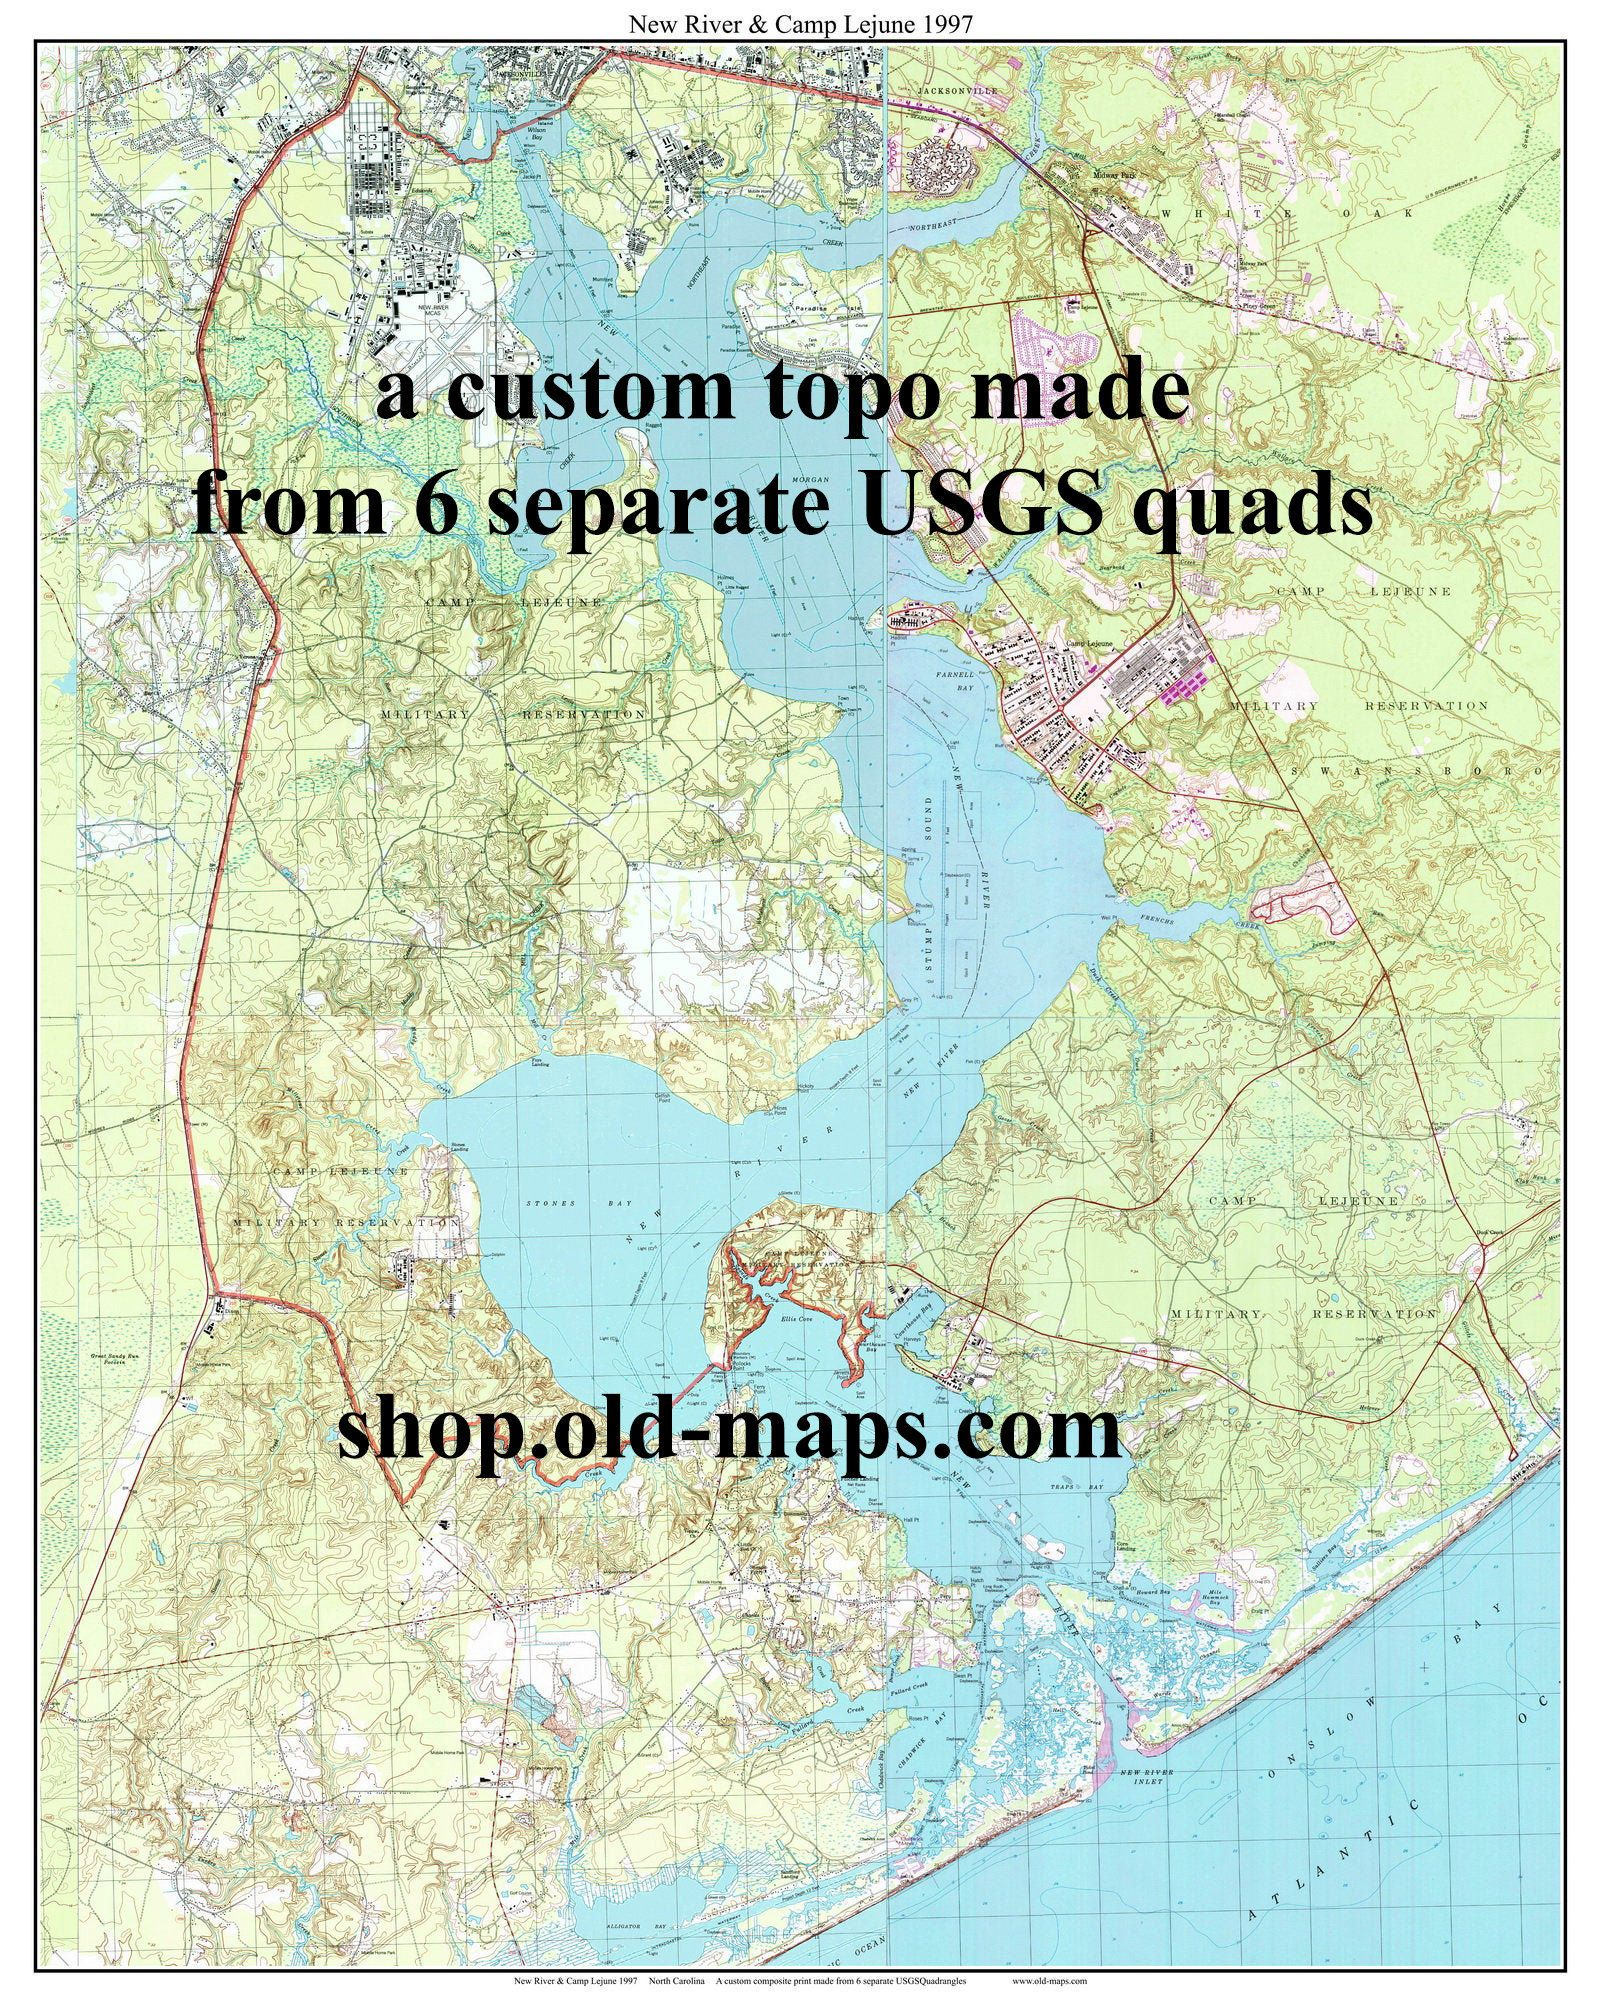 Camp Lejeune Map : lejeune, River, Lejune, Topographic, Unique, Maps,, Camp,